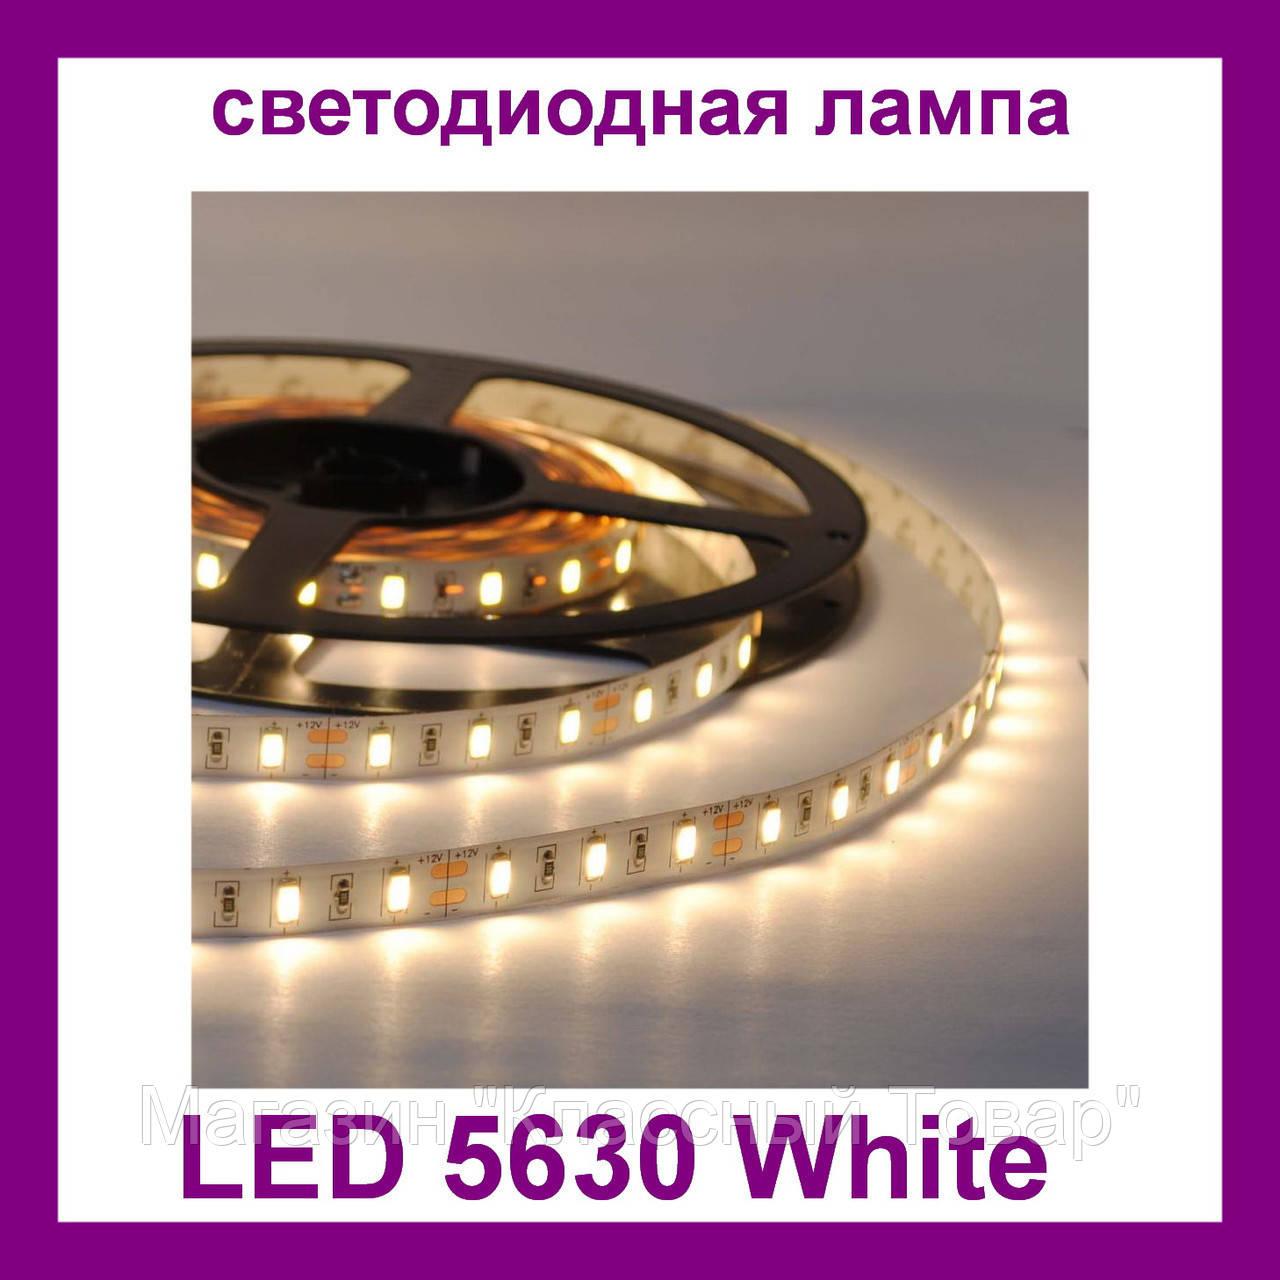 Лента светодиодная белая LED 5630 White - 5 метров в силиконе!Лучший подарок